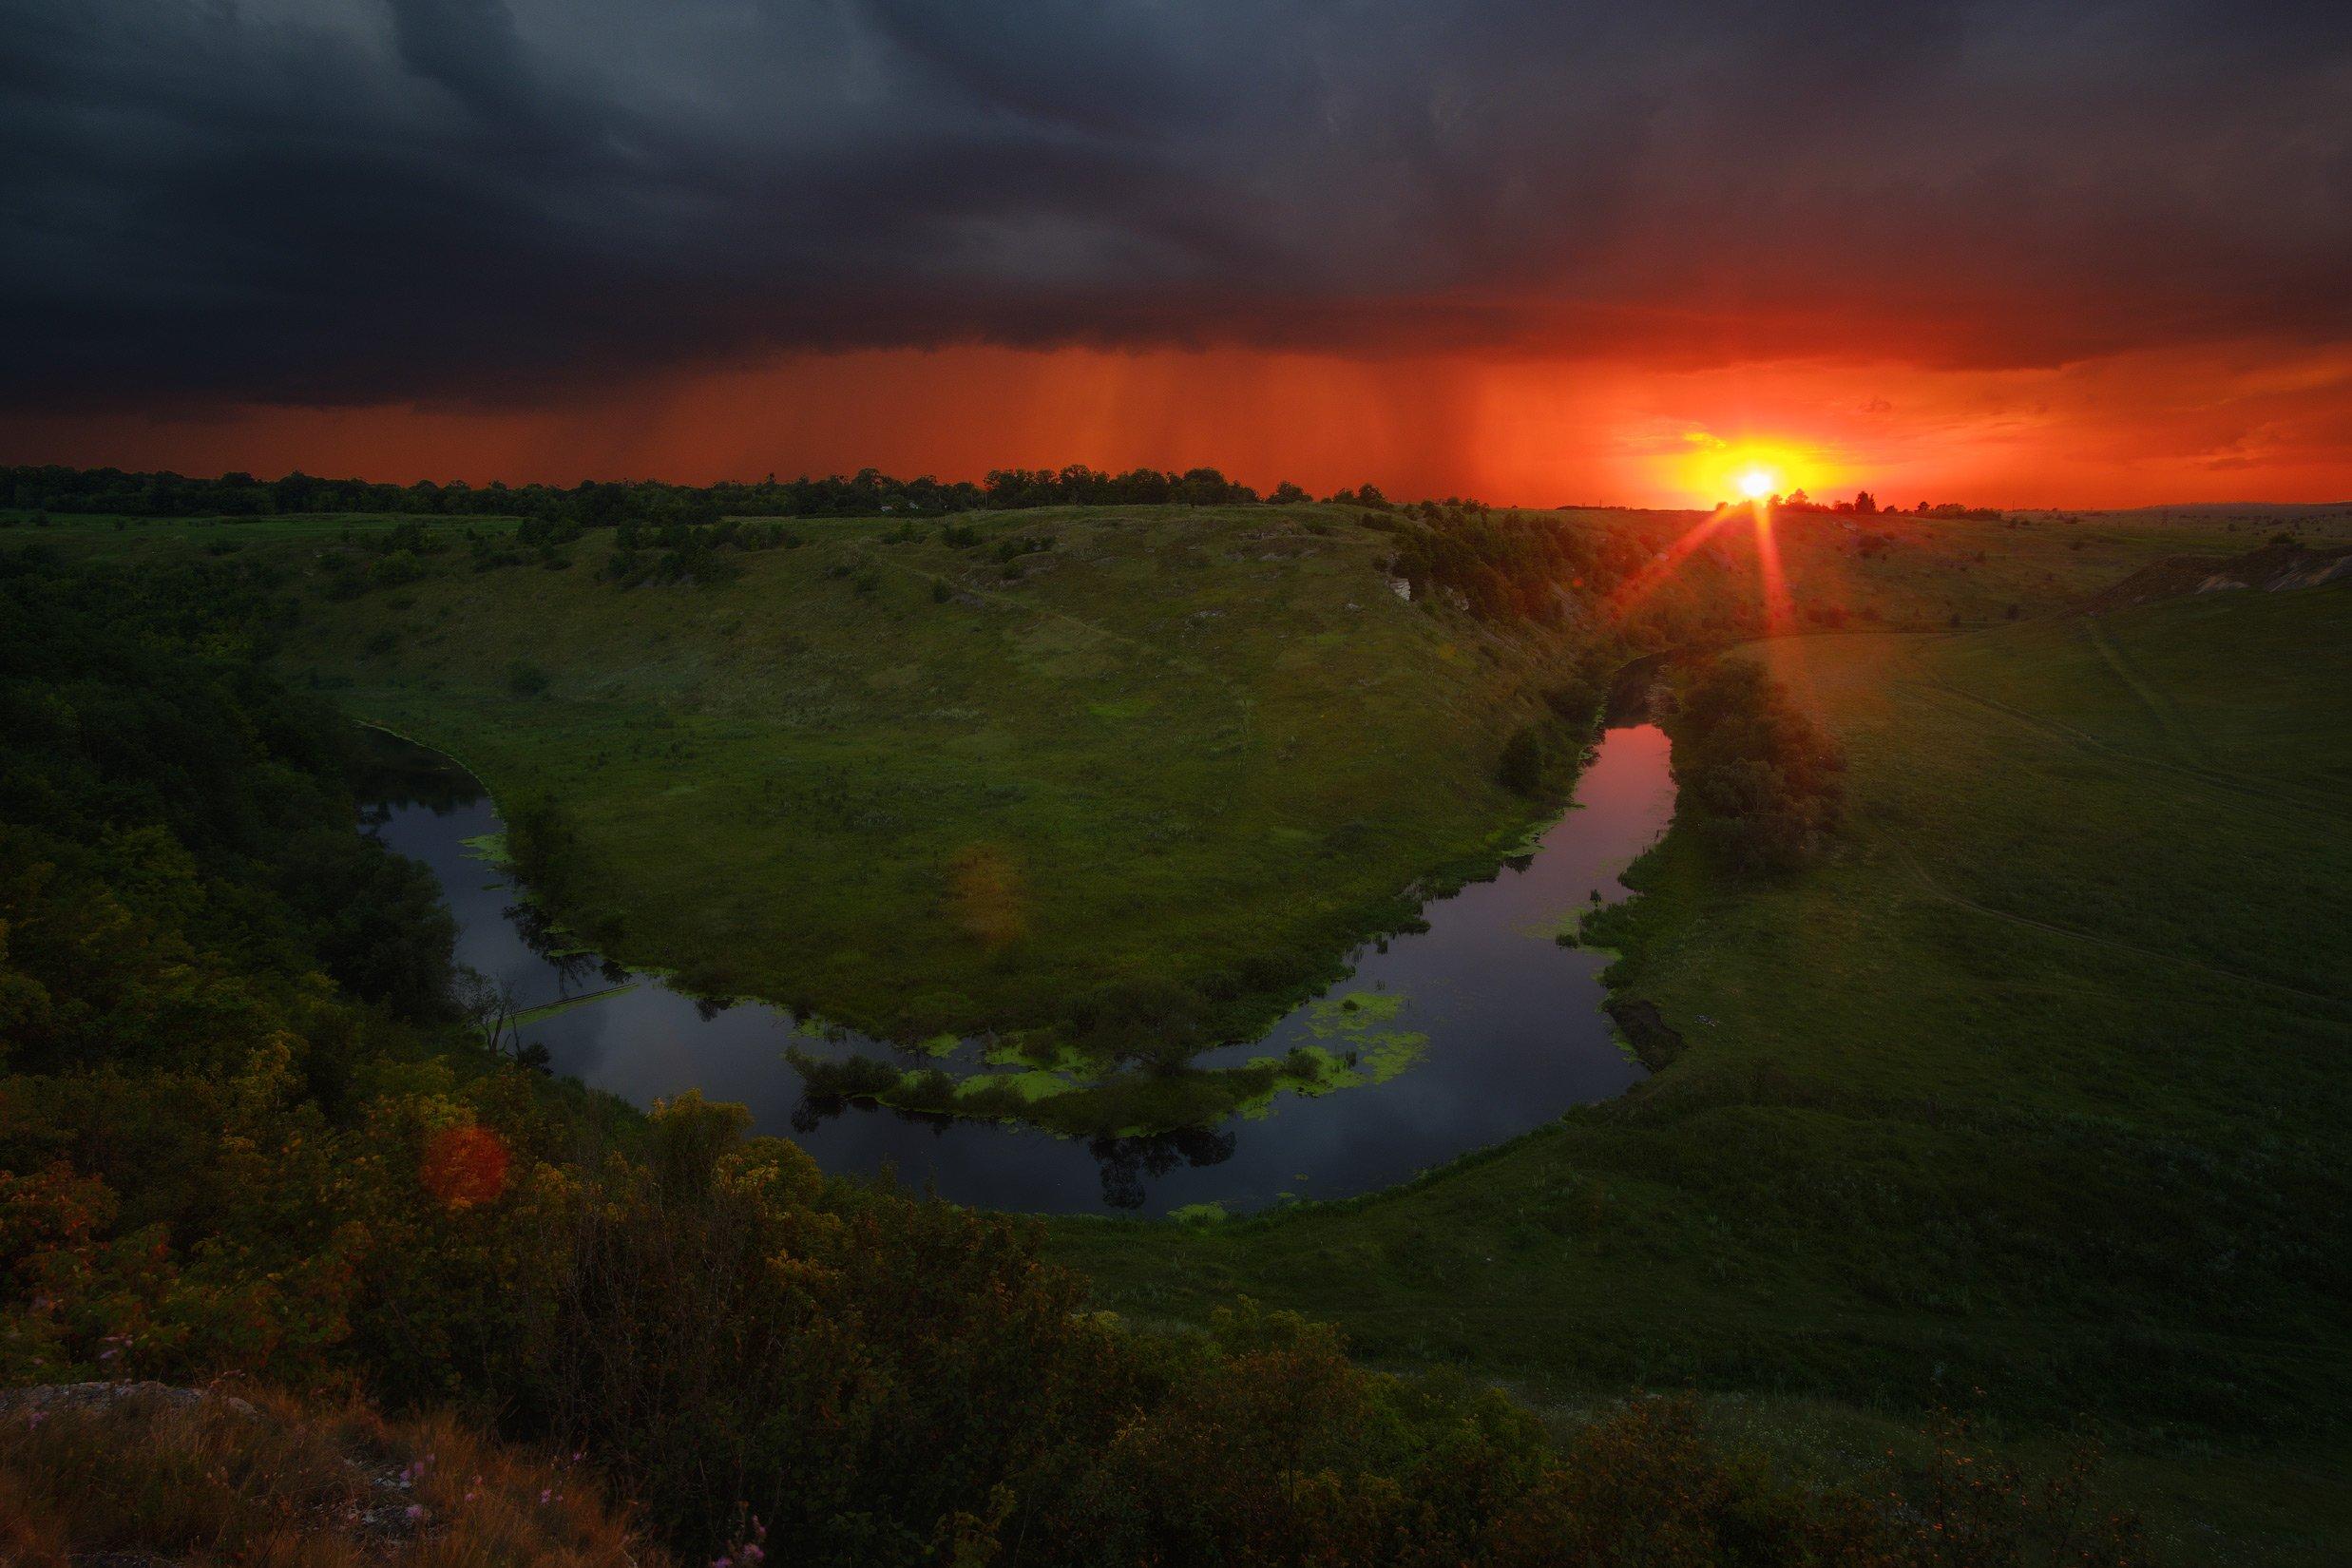 россия, липецкая область, ворголы, воргольские скалы, пейзаж, природа, гроза, закат, река, меандра, Оборотов Алексей